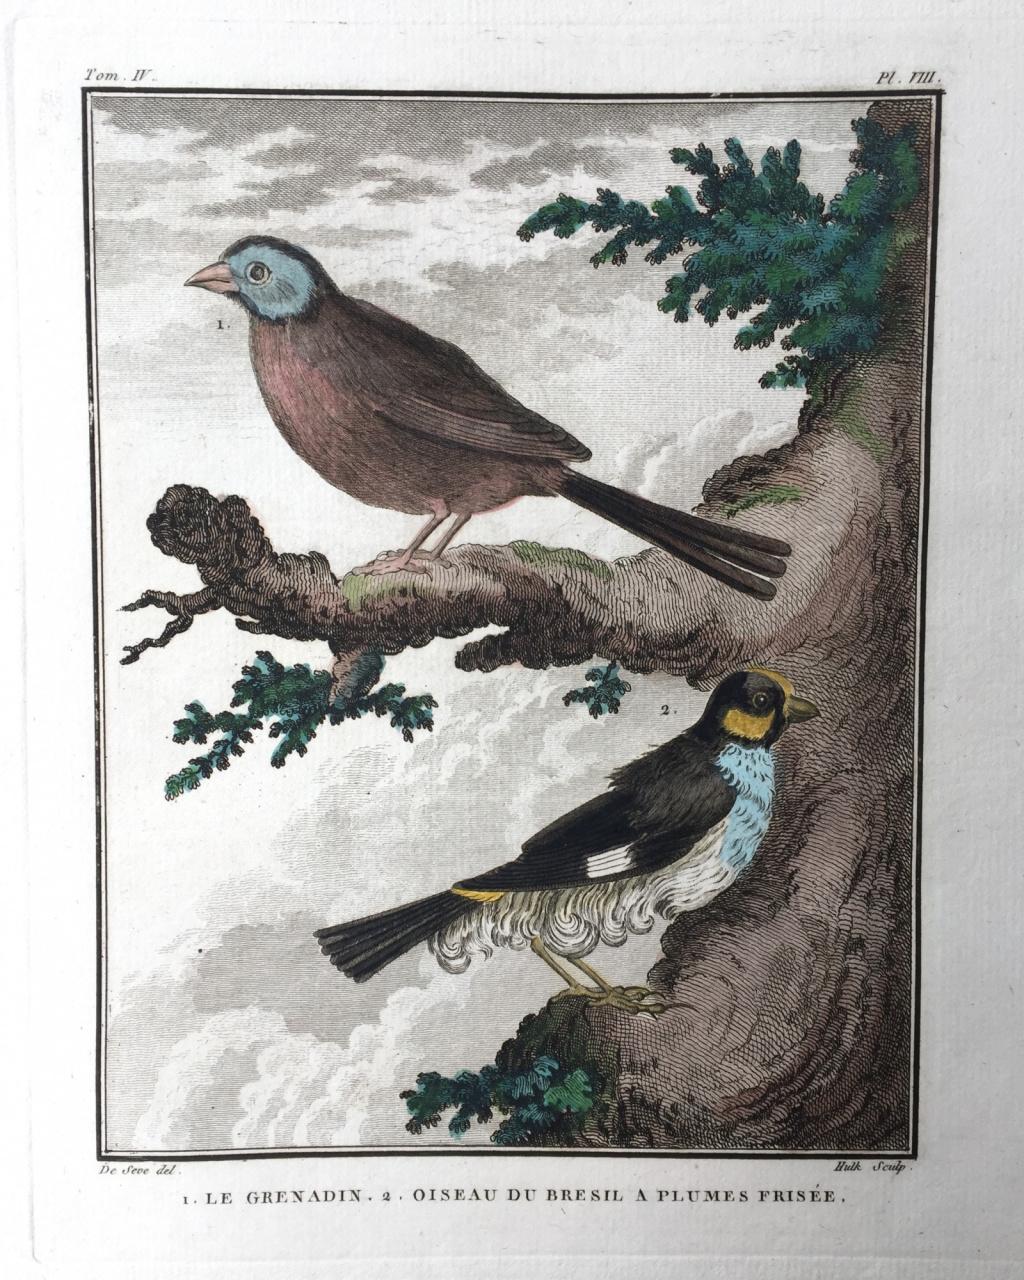 19th Century Rare Original Antique Hand Colored Engraving From Dictionnaire Histoire Naturelle des Oiseaux  Buffon de comte humming birds